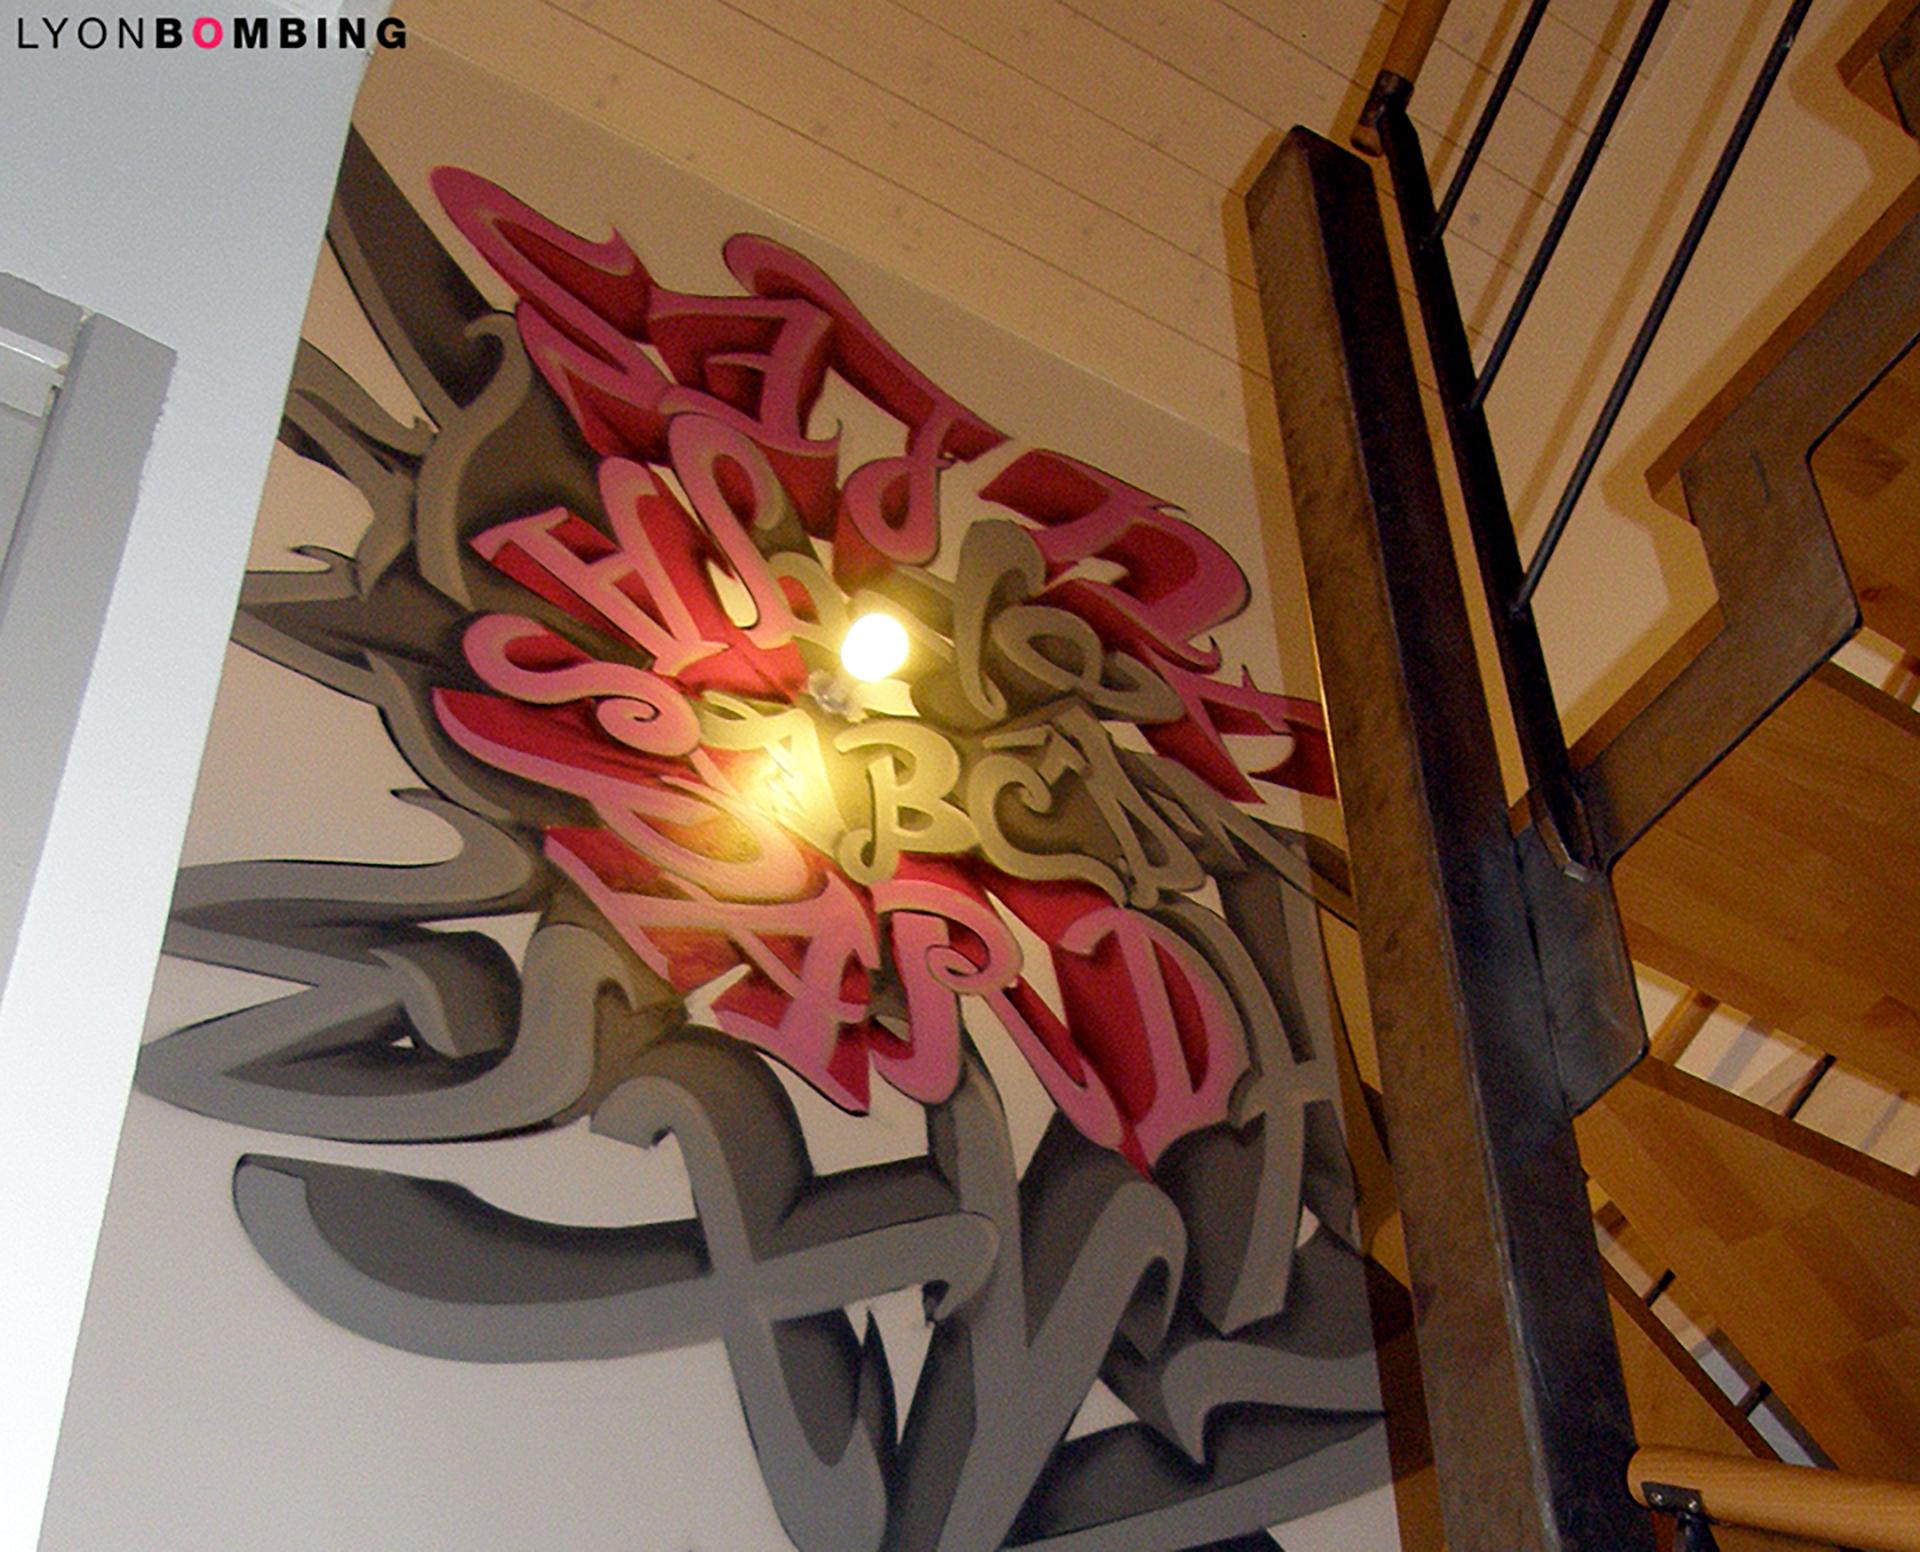 Descente d'escalier graffiti